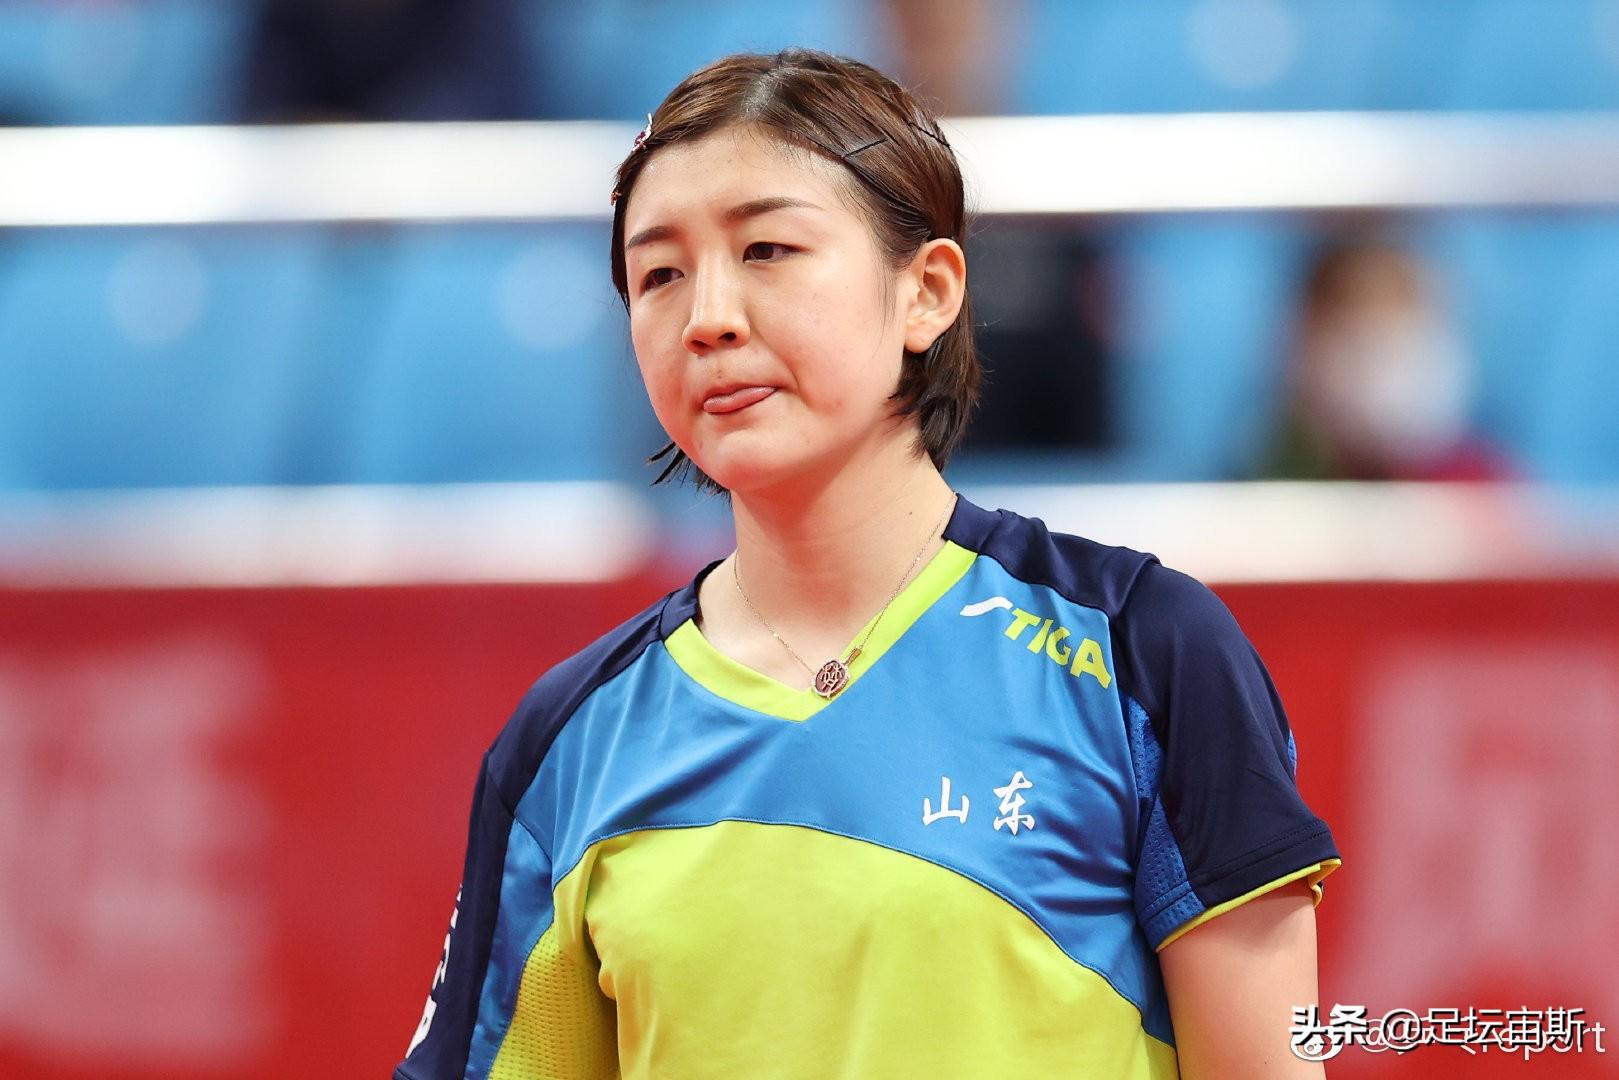 刘诗雯退出新赛季乒超联赛 具体是什么原因?详情曝光(刘诗雯不参加乒超)